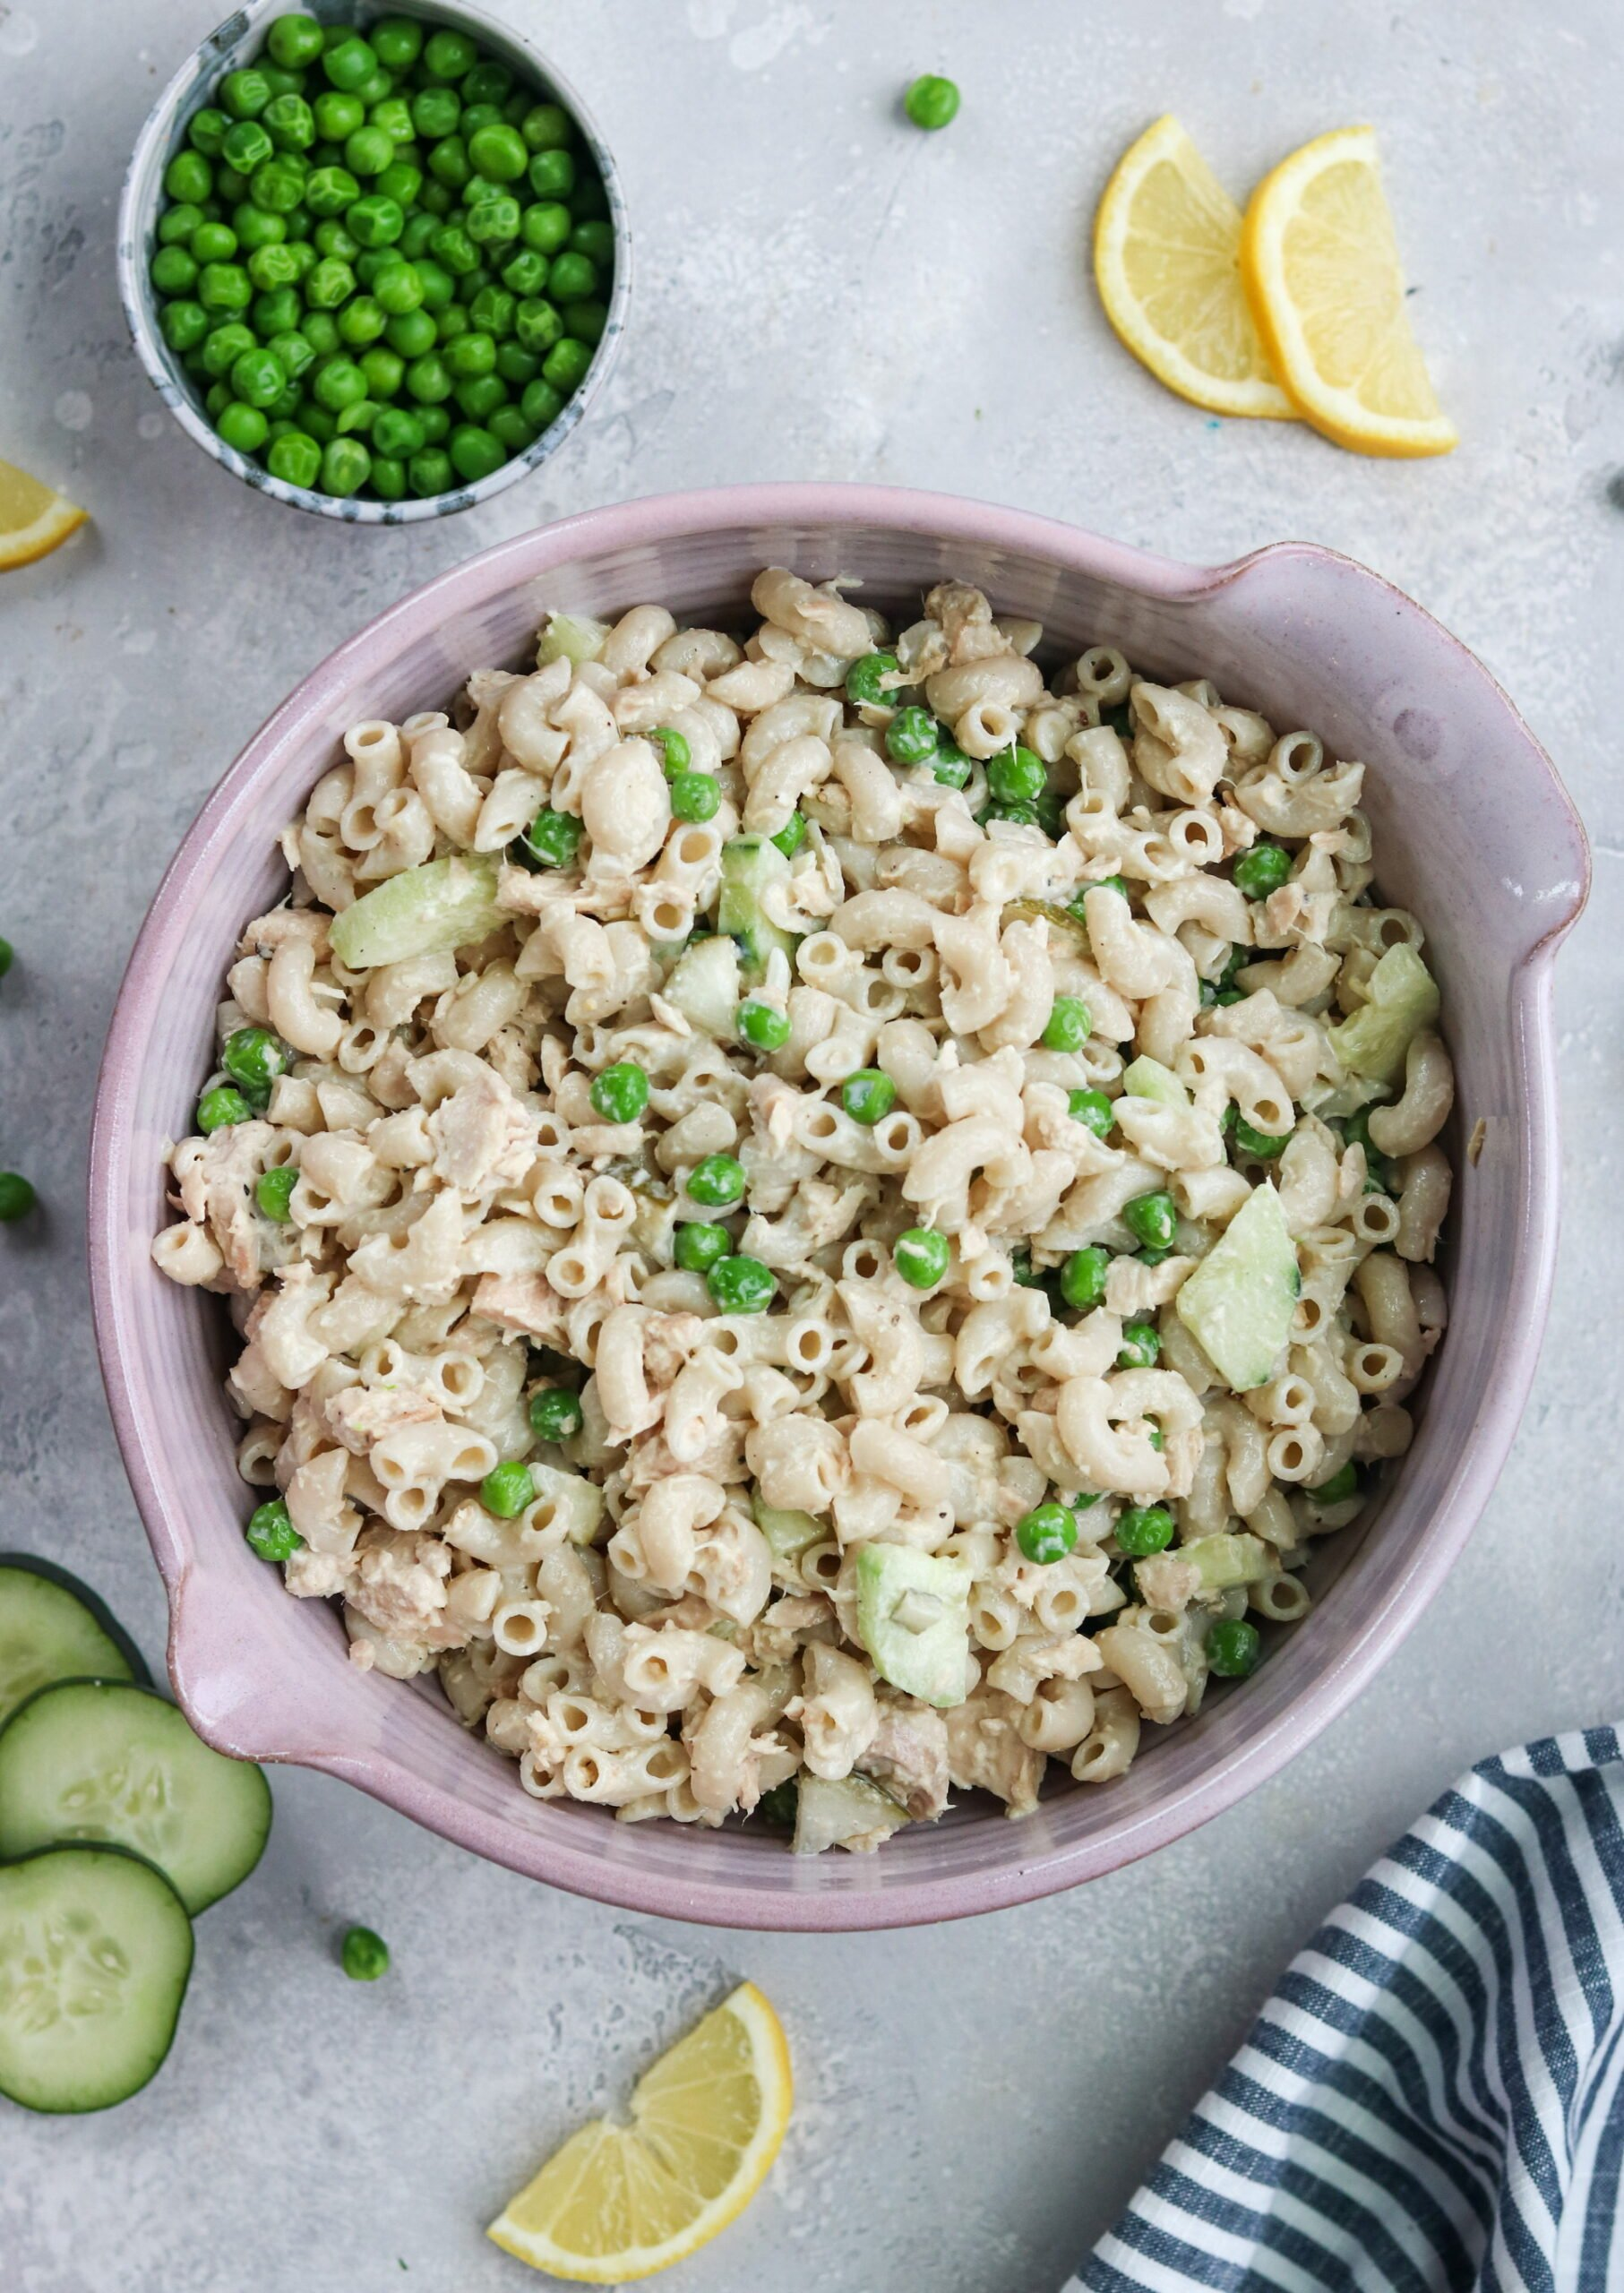 macaroni with peas, tuna, and cucumber